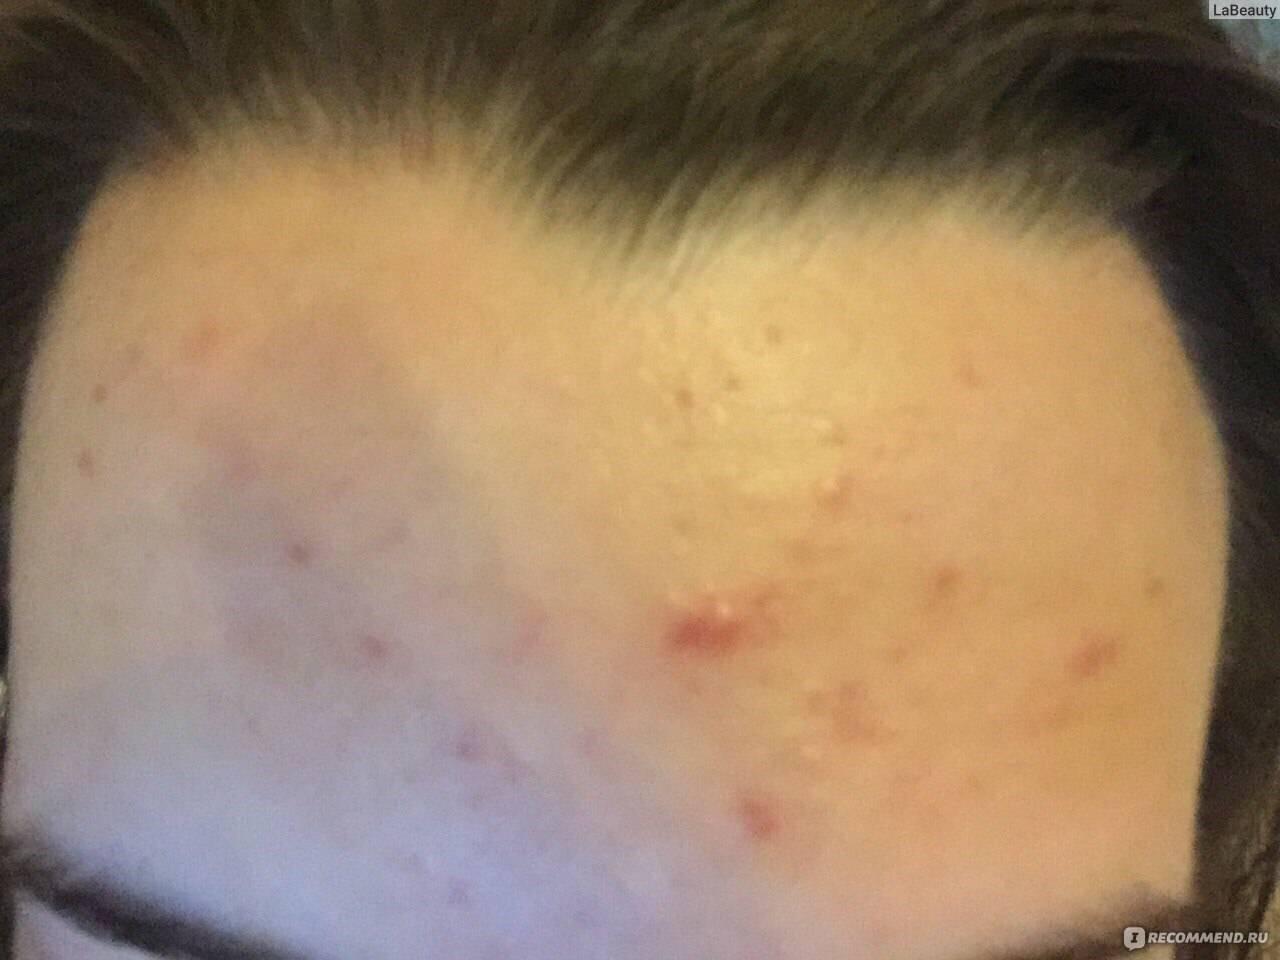 Средство от вросших волос: мазь и скраб после эпиляции, спрей и крем для шугаринга, лучшее средство и энзимный пилинг